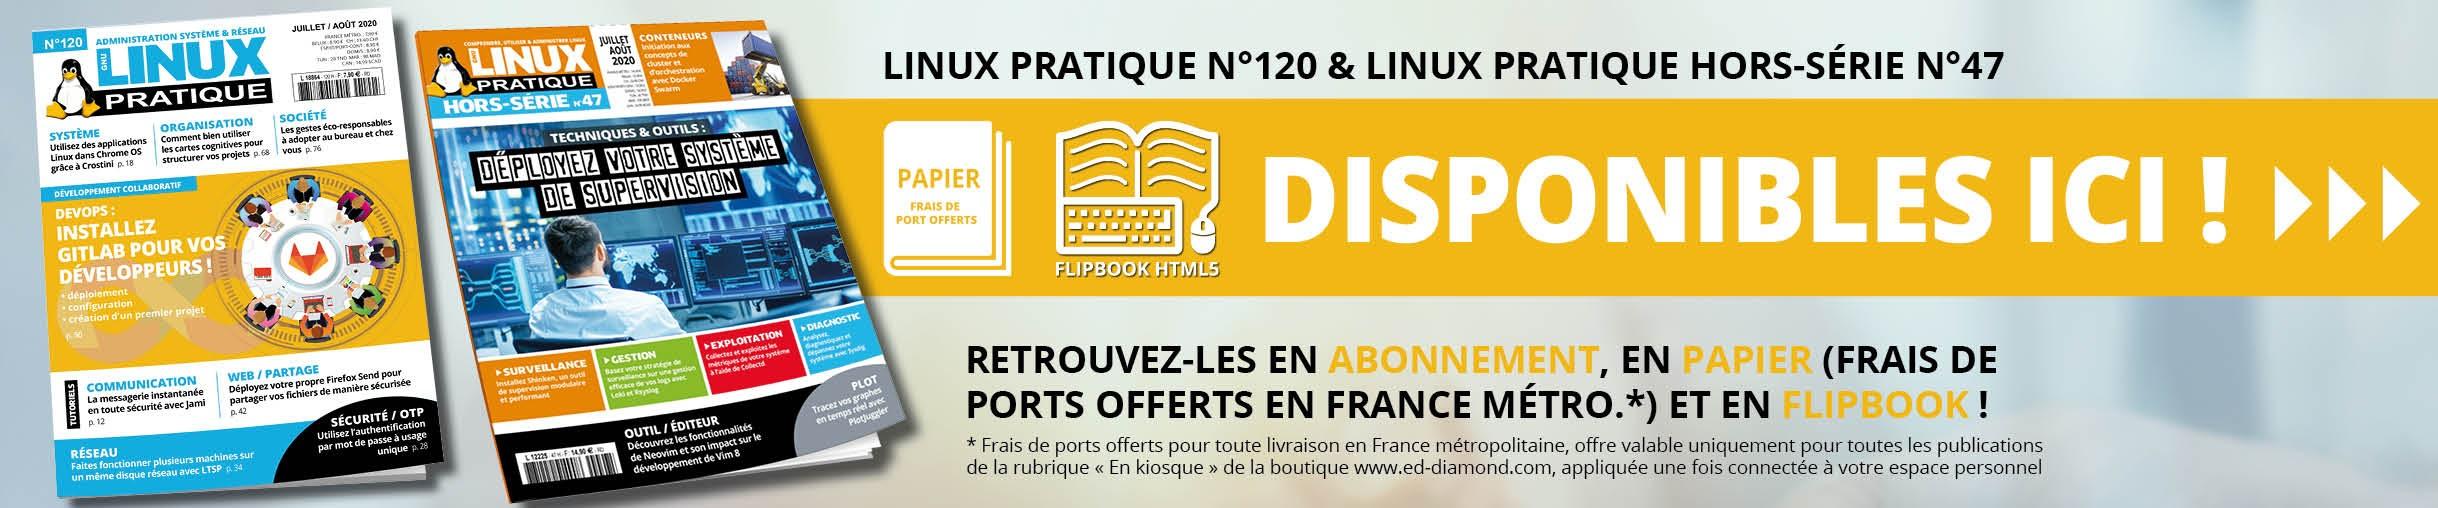 Linux Pratique n°120 et son Hors-Série n°47